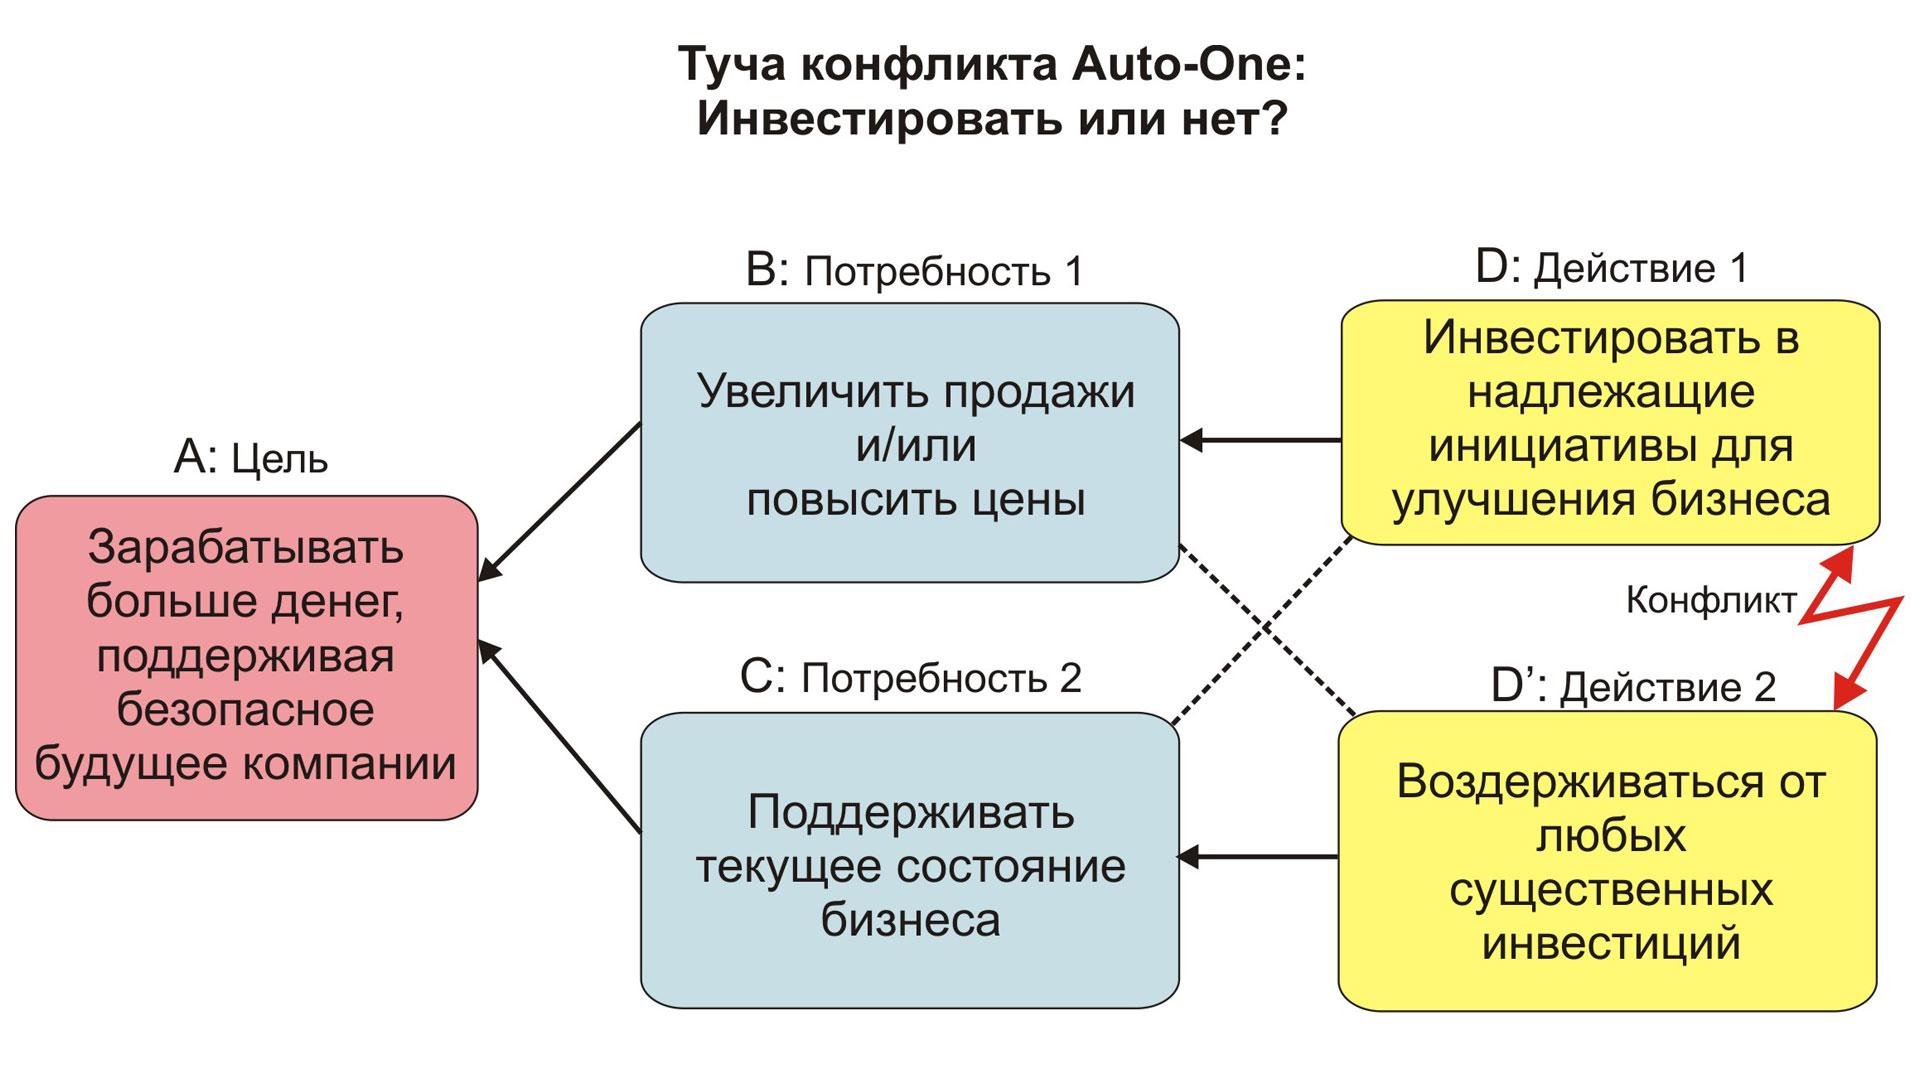 Туча Auto-one